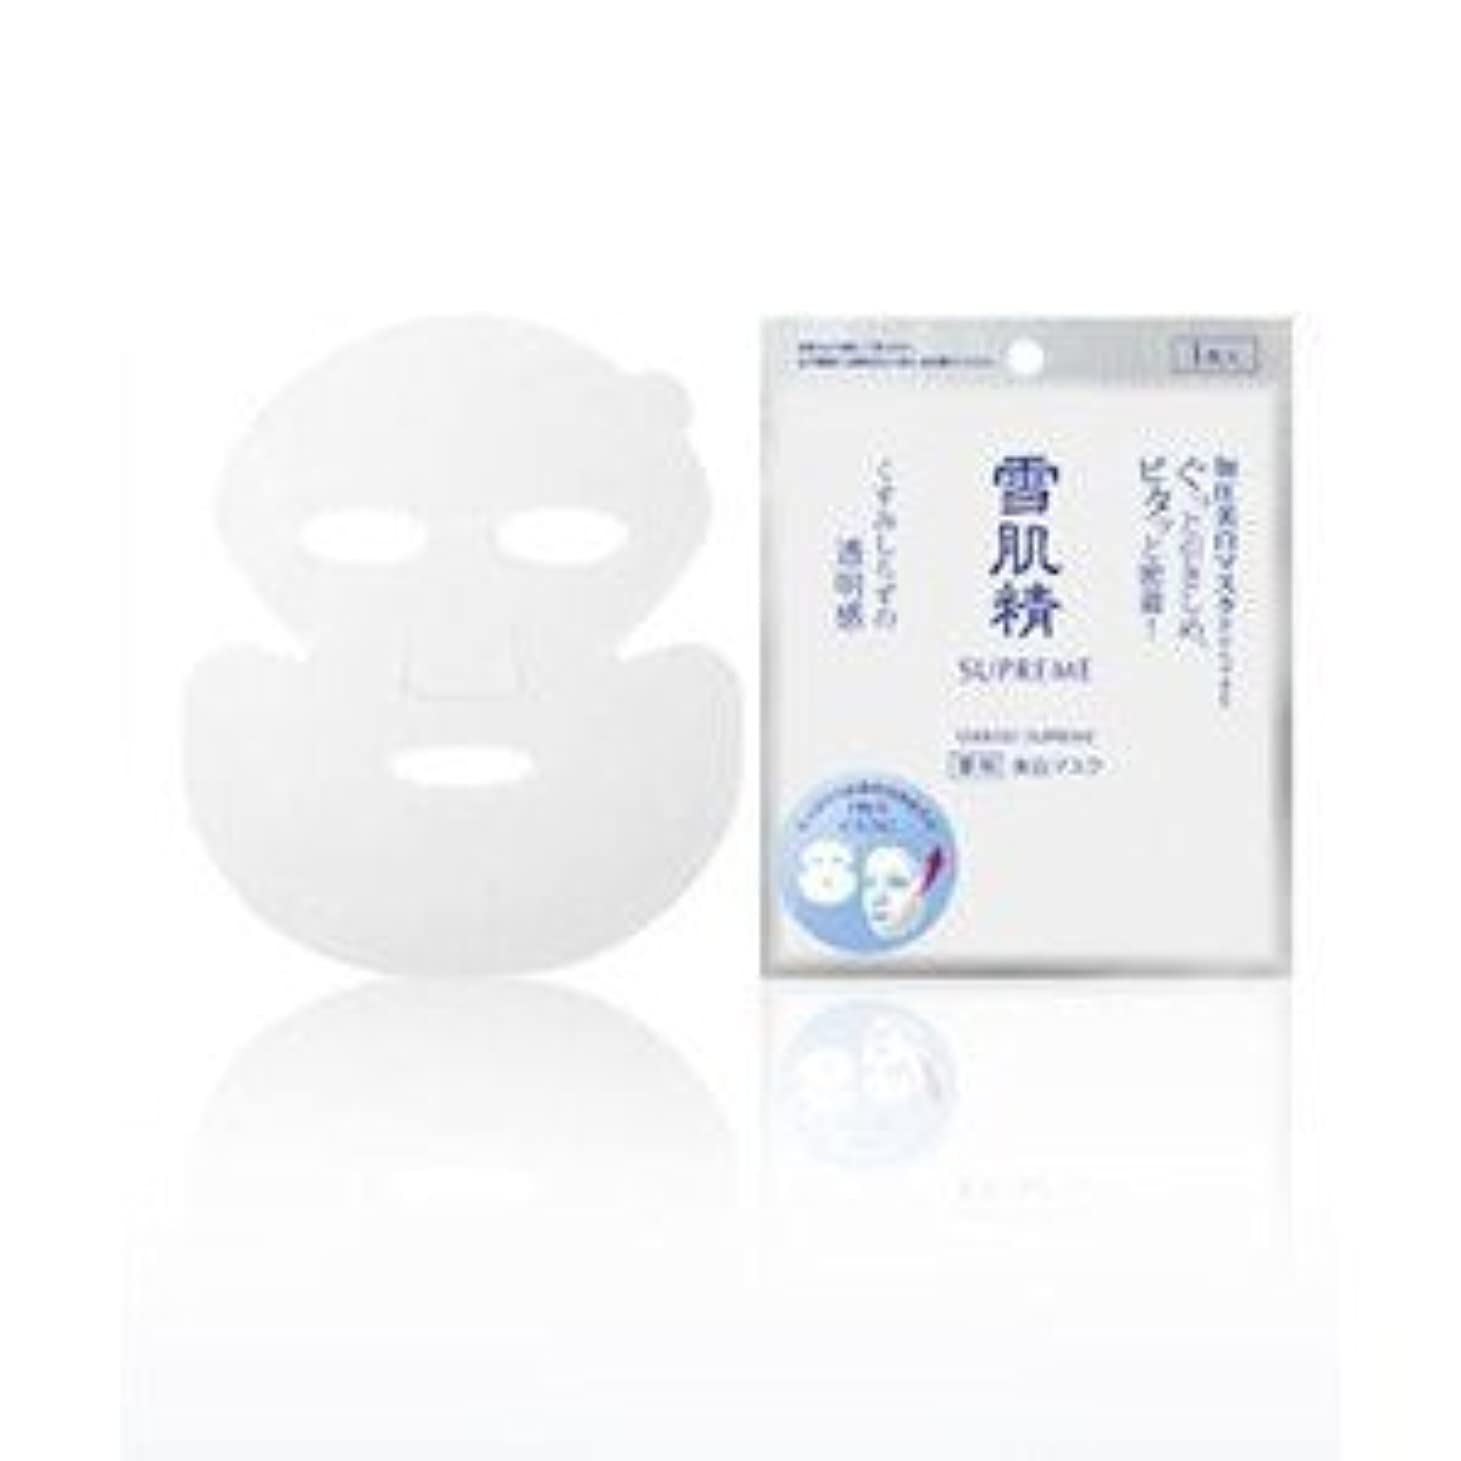 水星手首抵当【コーセー マスク】雪肌精 シュープレム ホワイトニング マスク 1枚入り×3枚